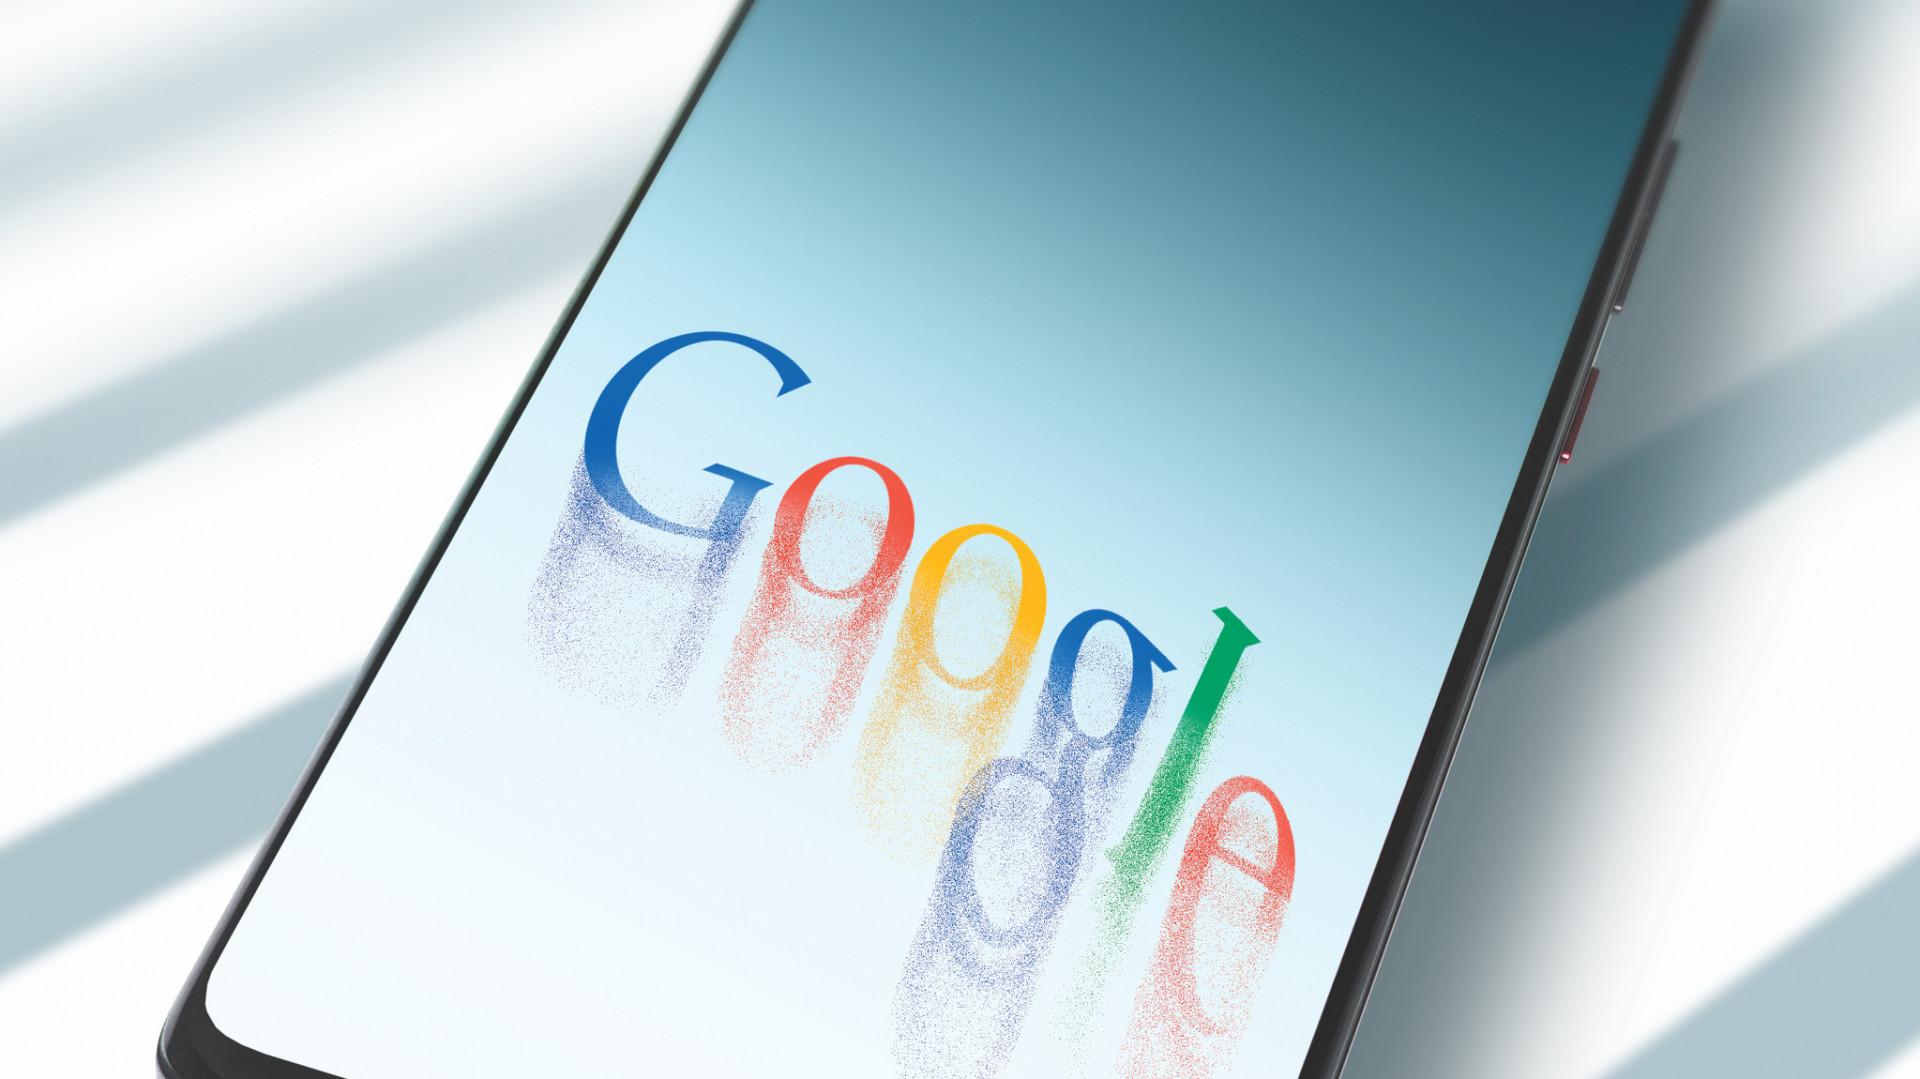 Google beendet Geschäfte mit Huawei